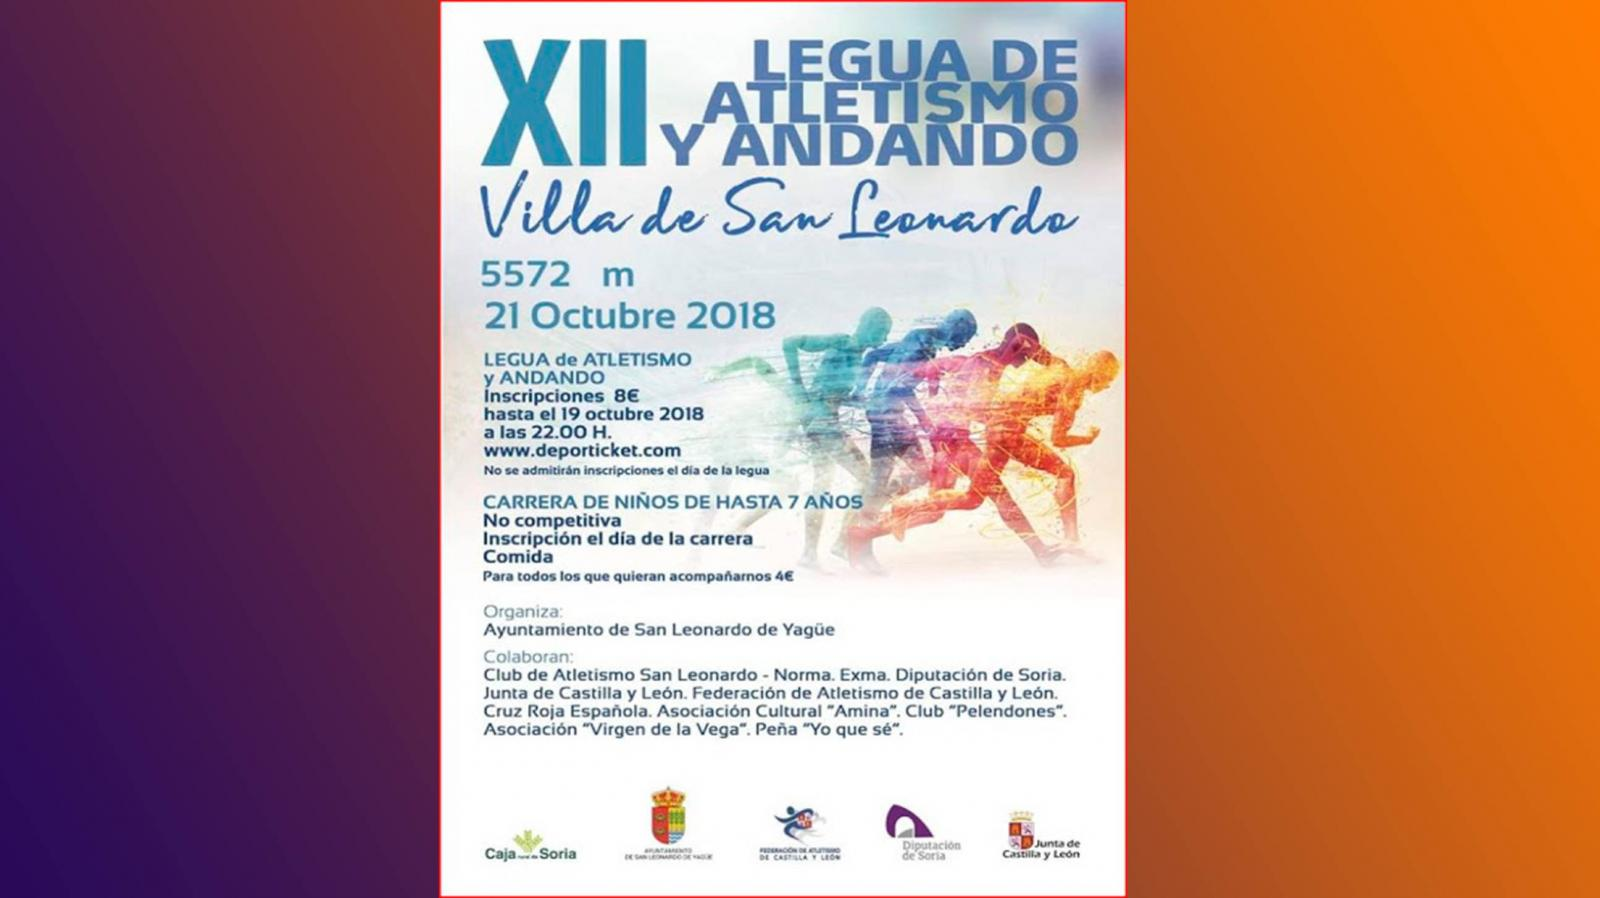 XII Legua Villa de San Leonardo